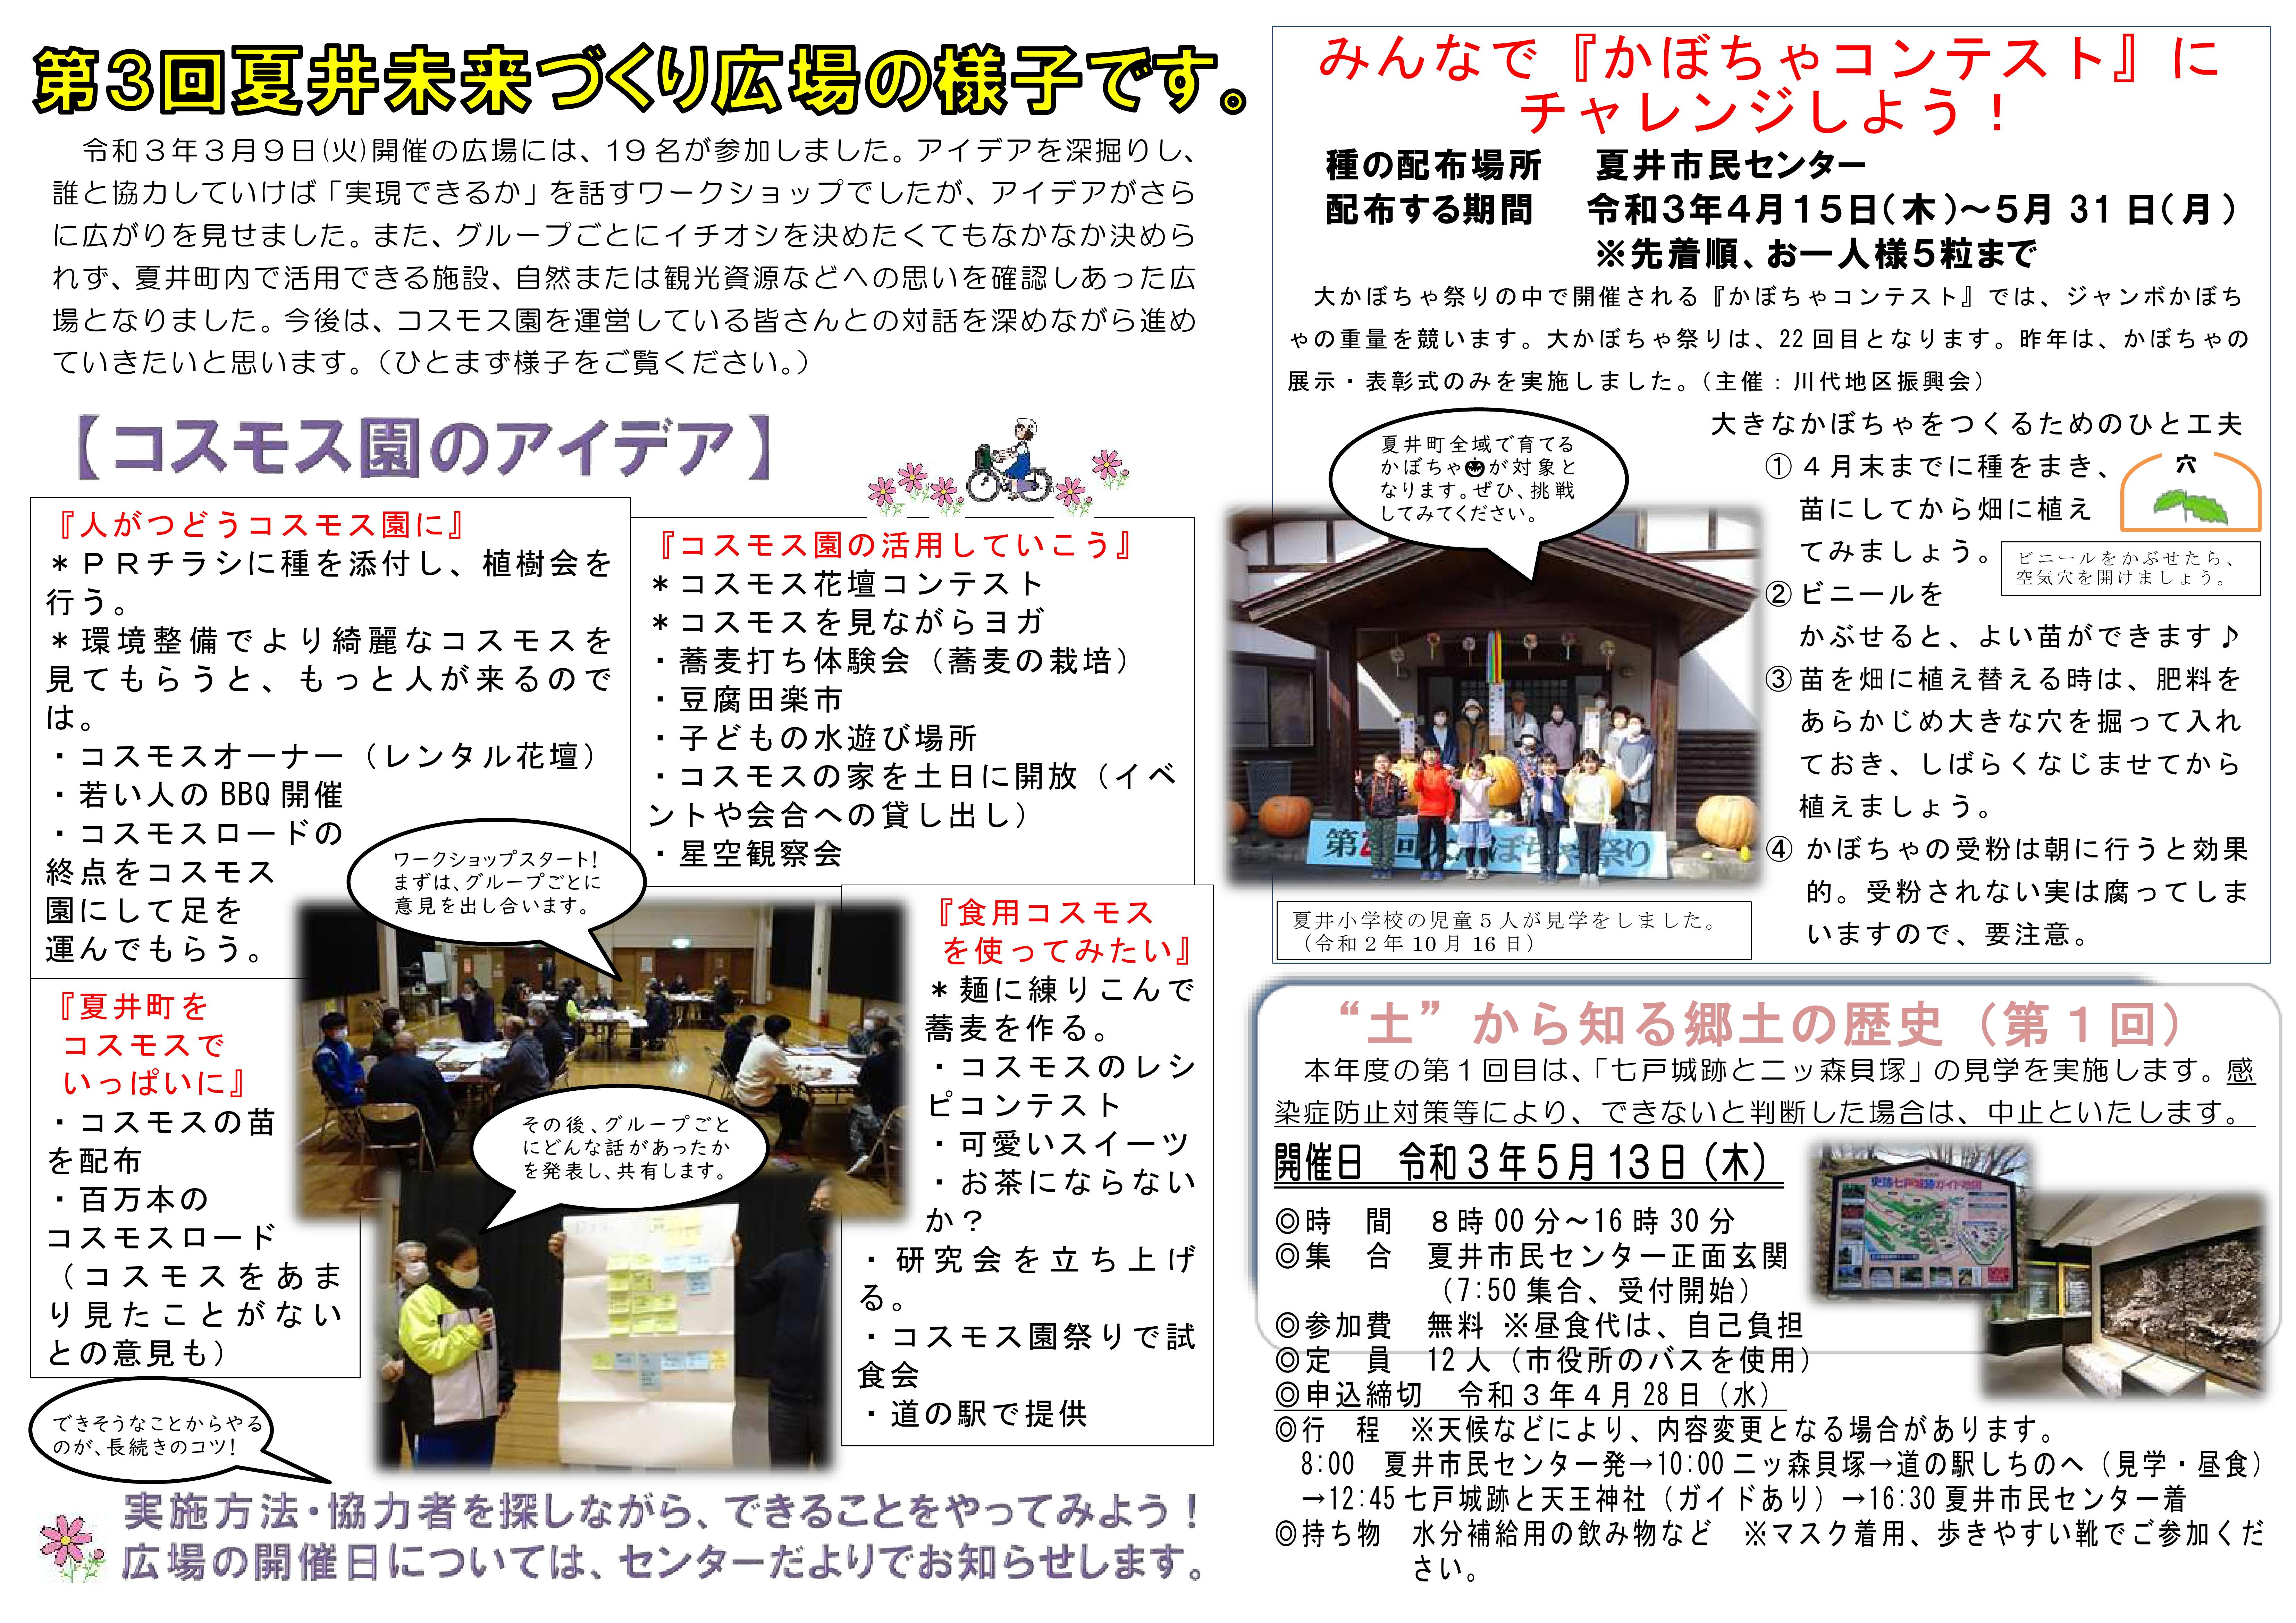 夏井市民センター報(令和3年4月15日号)2ページ